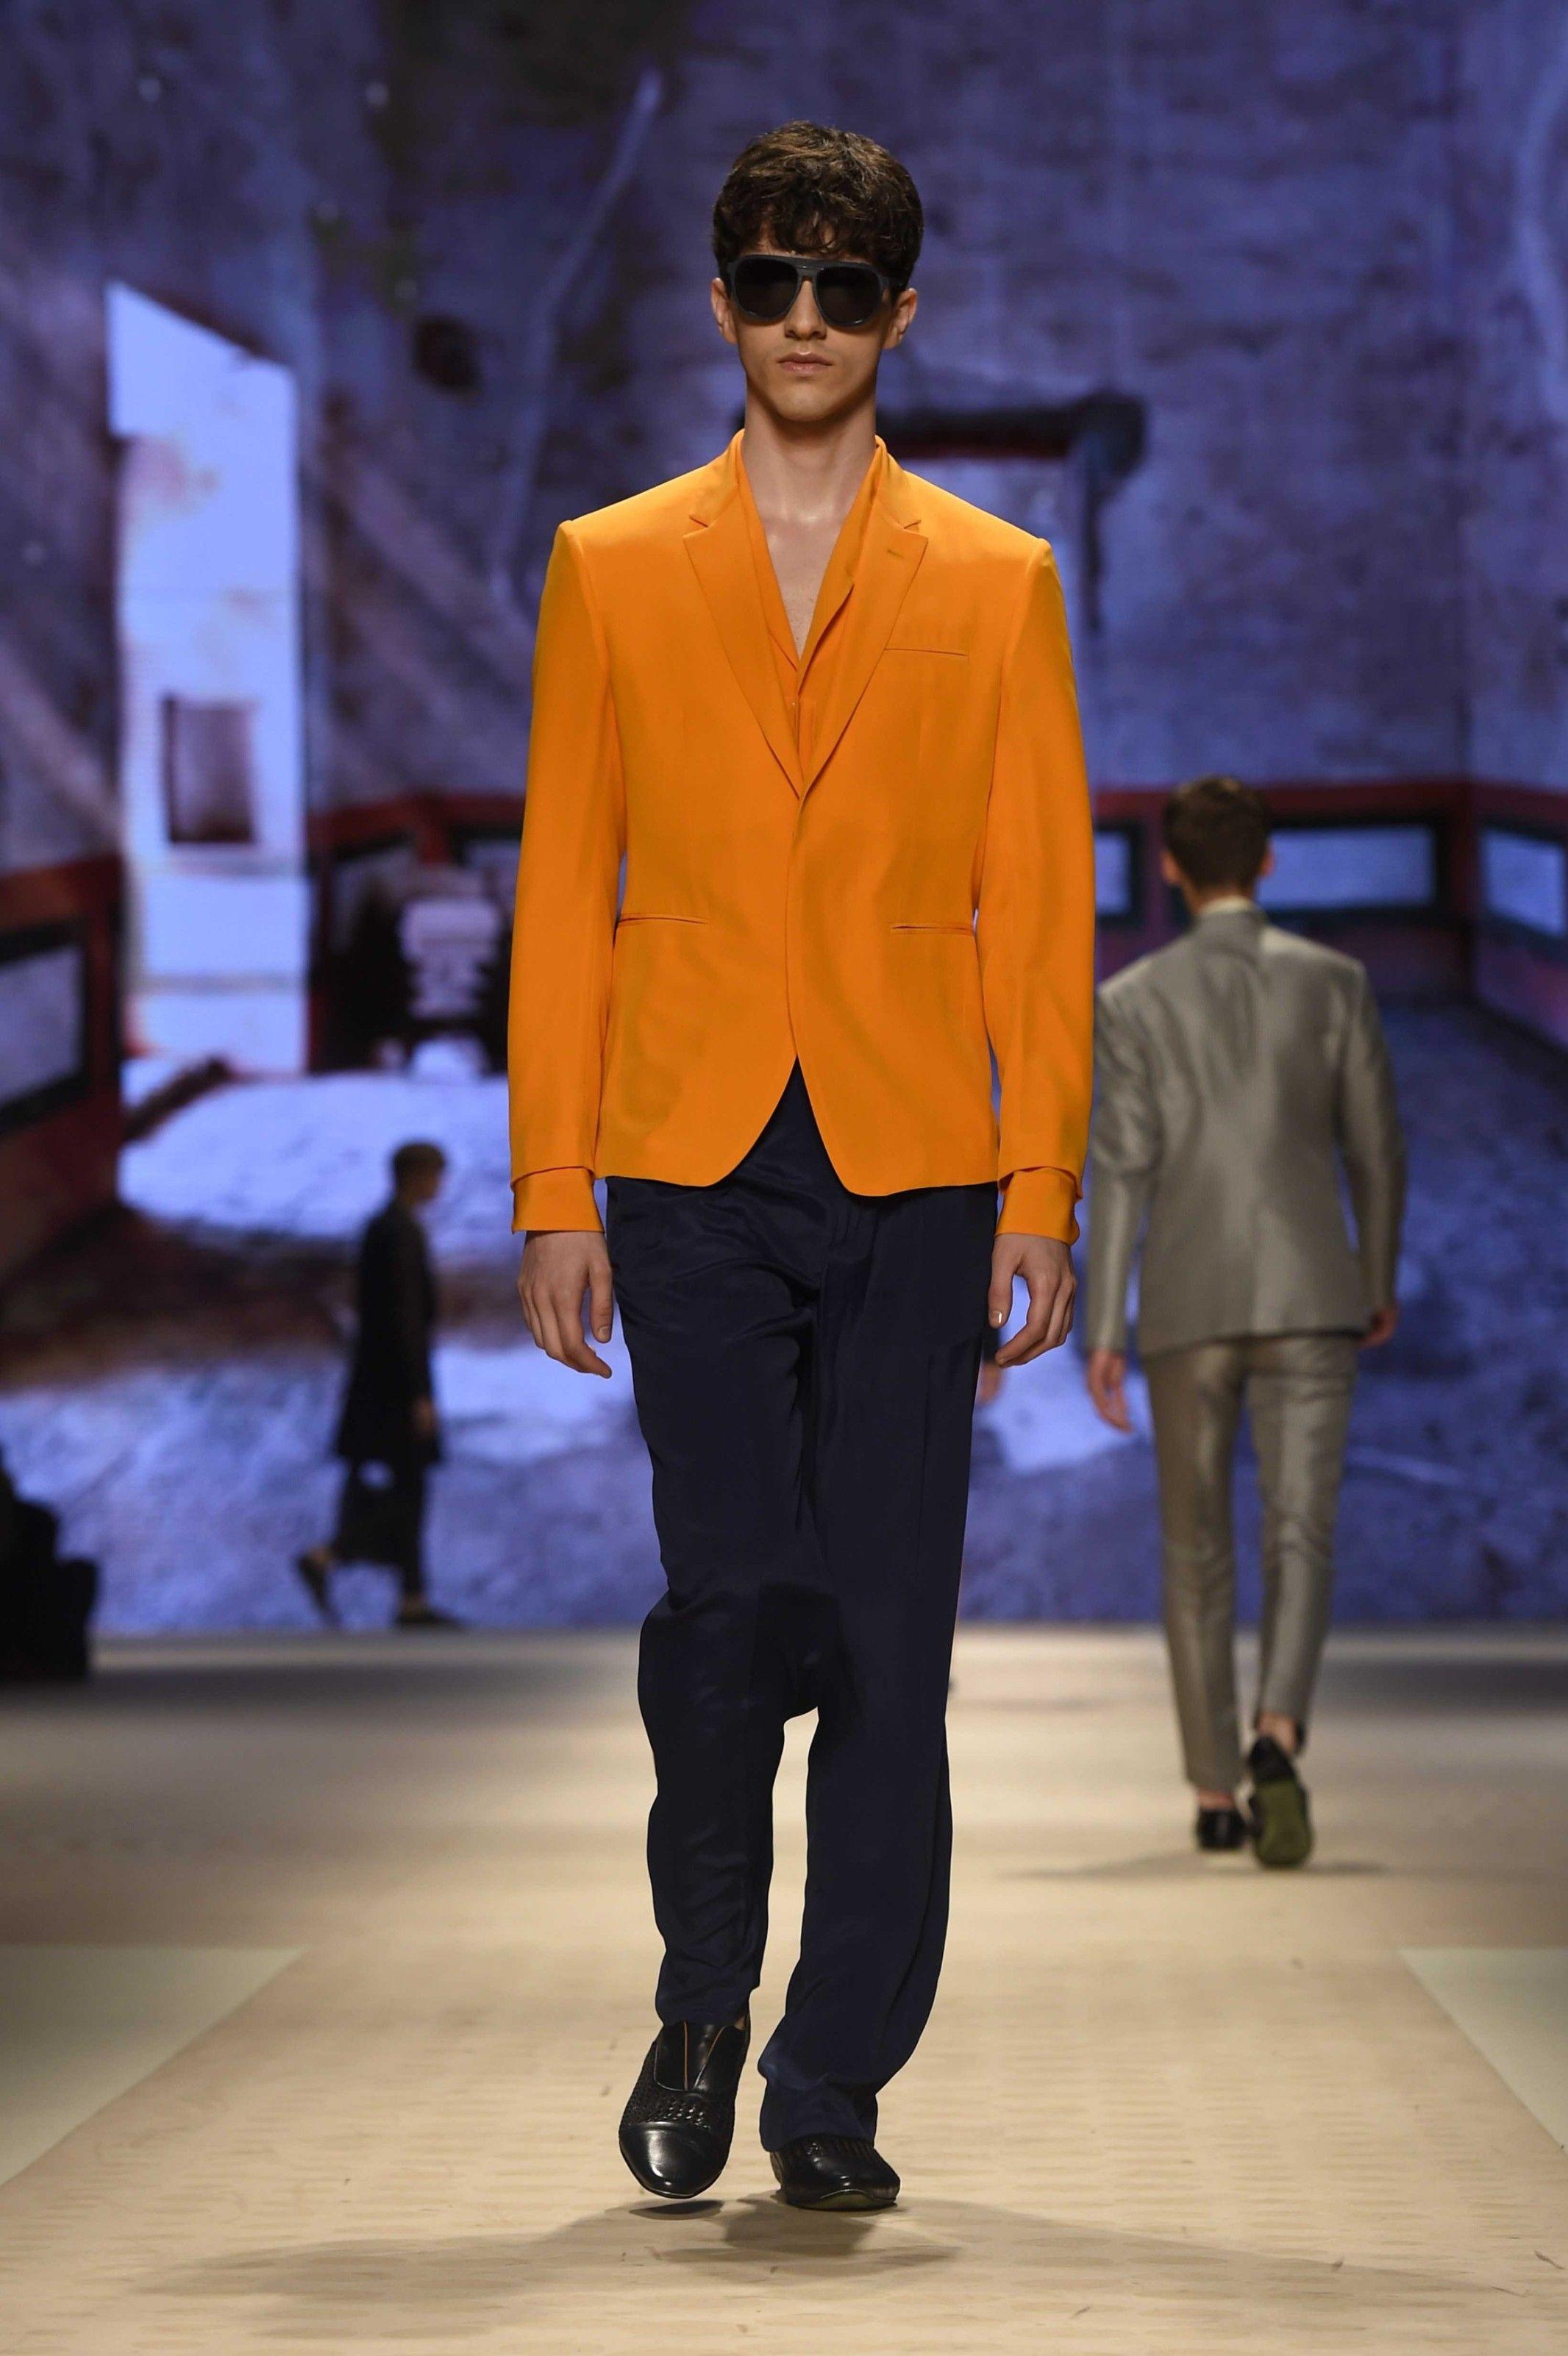 Etro Spring Summer 2016 Primavera Verano #Menswear #Trends #Tendencias #Moda Hombre - Milan Fashion Week - D.P.